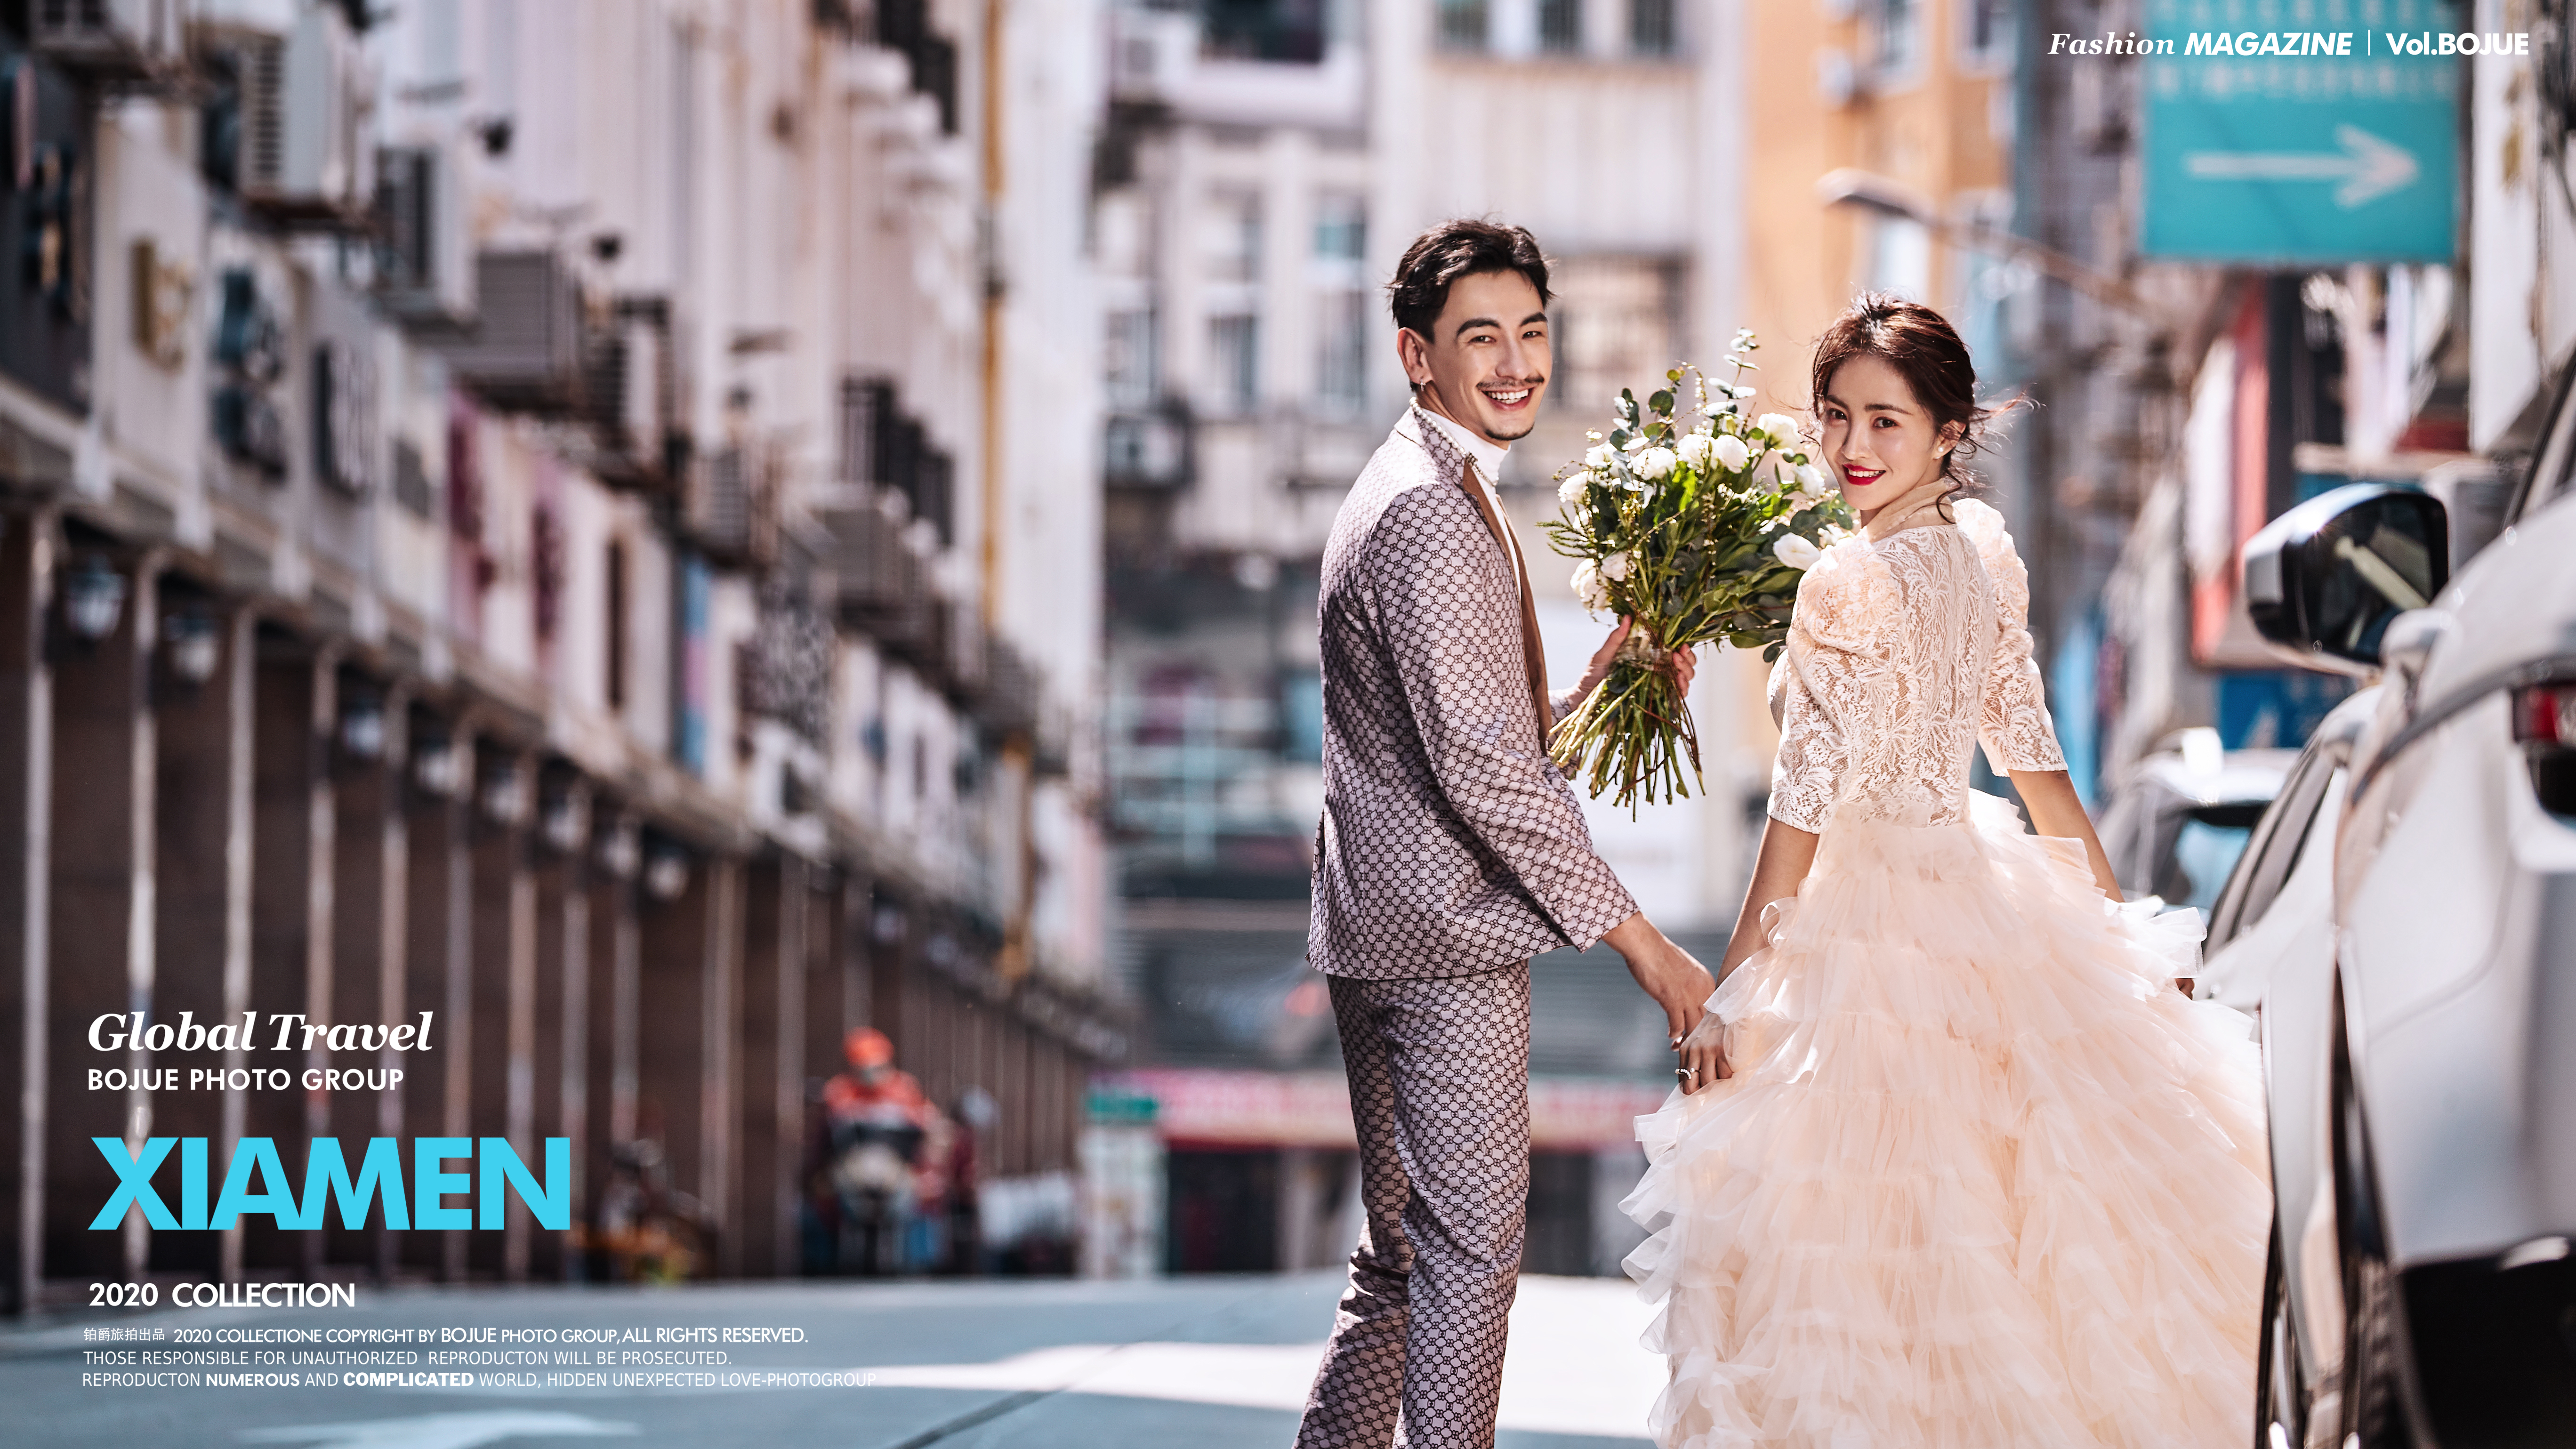 厦门婚纱照拍摄有没有好的店家?铂爵旅拍怎么样?